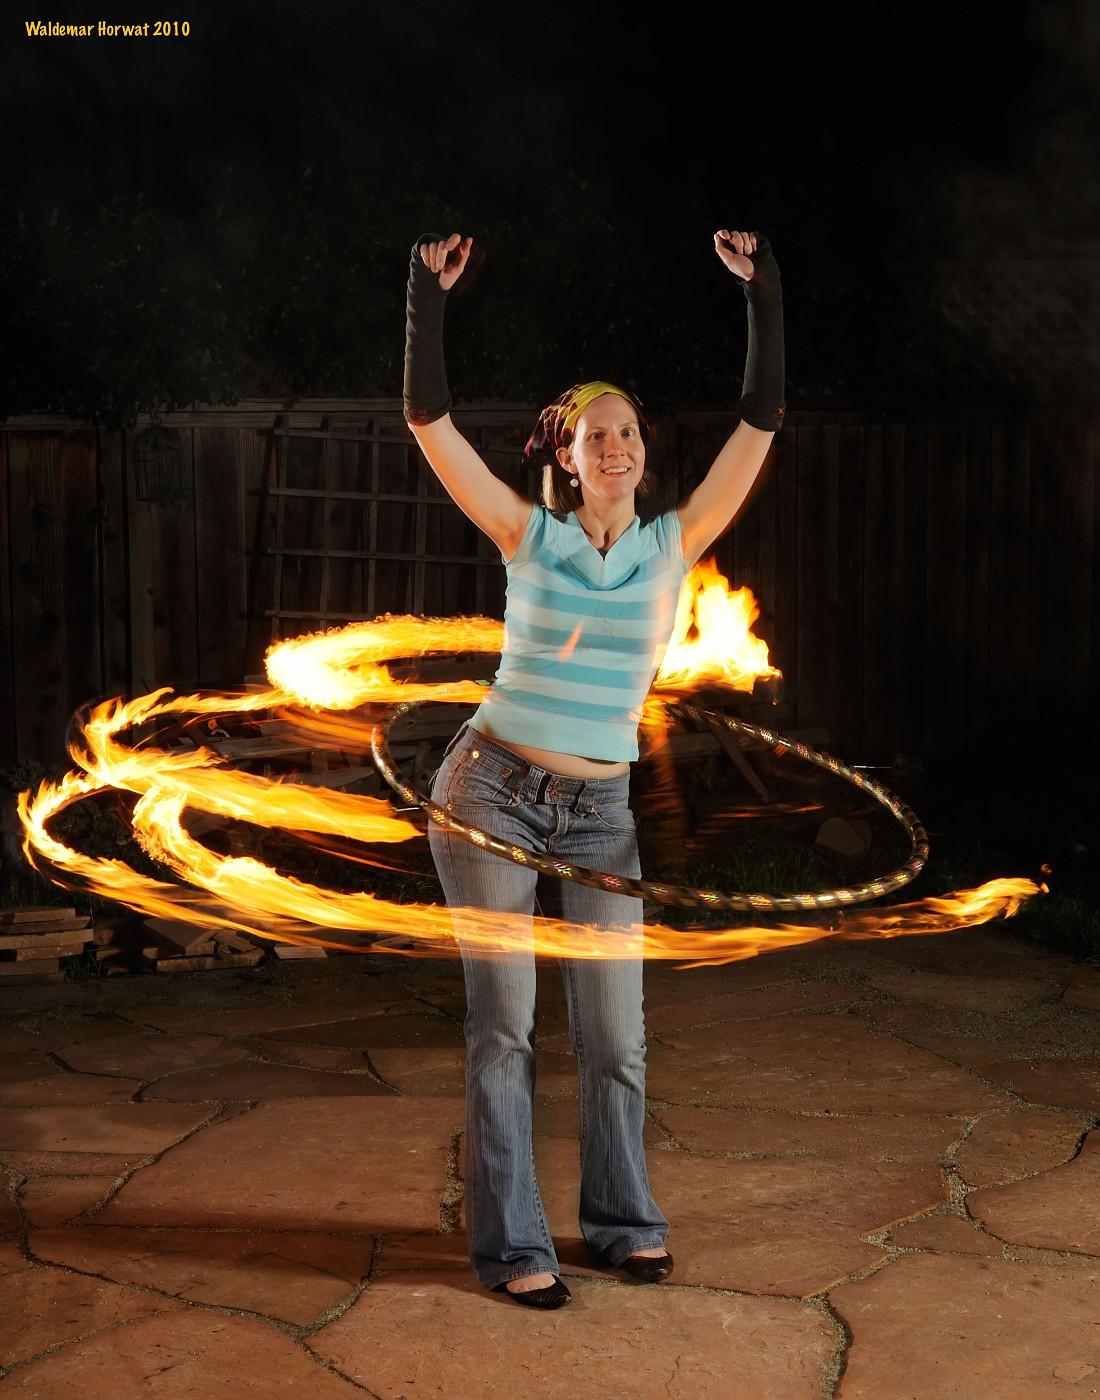 I've Got Fire!